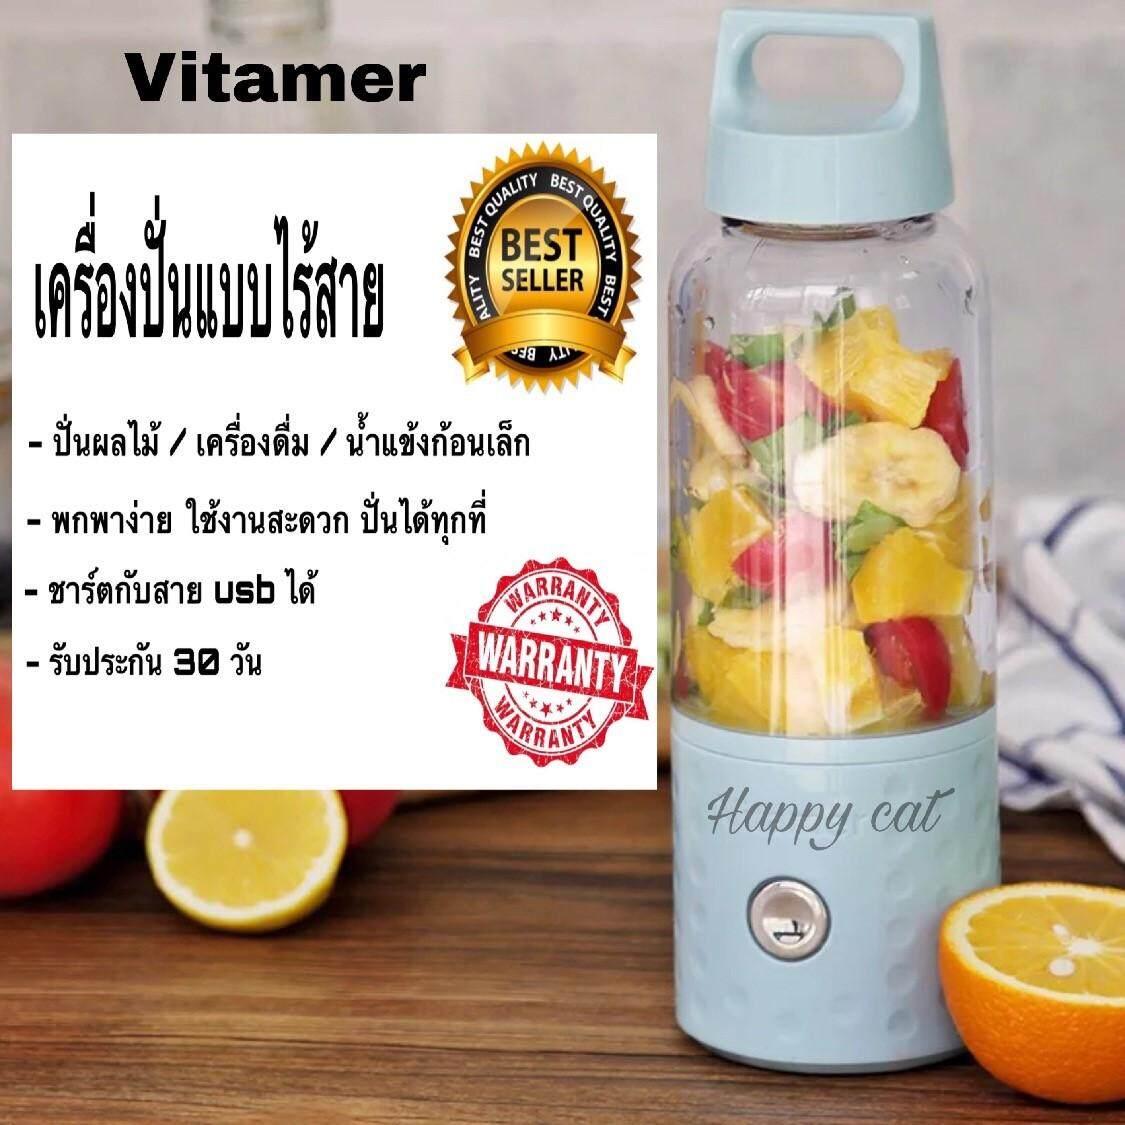 Vitamer สีฟ้า แก้วปั่นพกพา Vi tamer แก้วปั่นไร้สาย แก้วปั่นน้ำผลไม้ แก้วปั่นพกพา Vi - tamer แก้วปั่นไร้สาย แก้วปั่นน้ำผลไม้ แก้วปั่นผลไม้ พกพา เครื่องปั่น สมูทตี้  (สินค้าพร้อมส่ง & ส่งไว 100%) ขนาด 500 ML มีรับประกันเปลี่ยนเครื่องภายใน 30 วัน